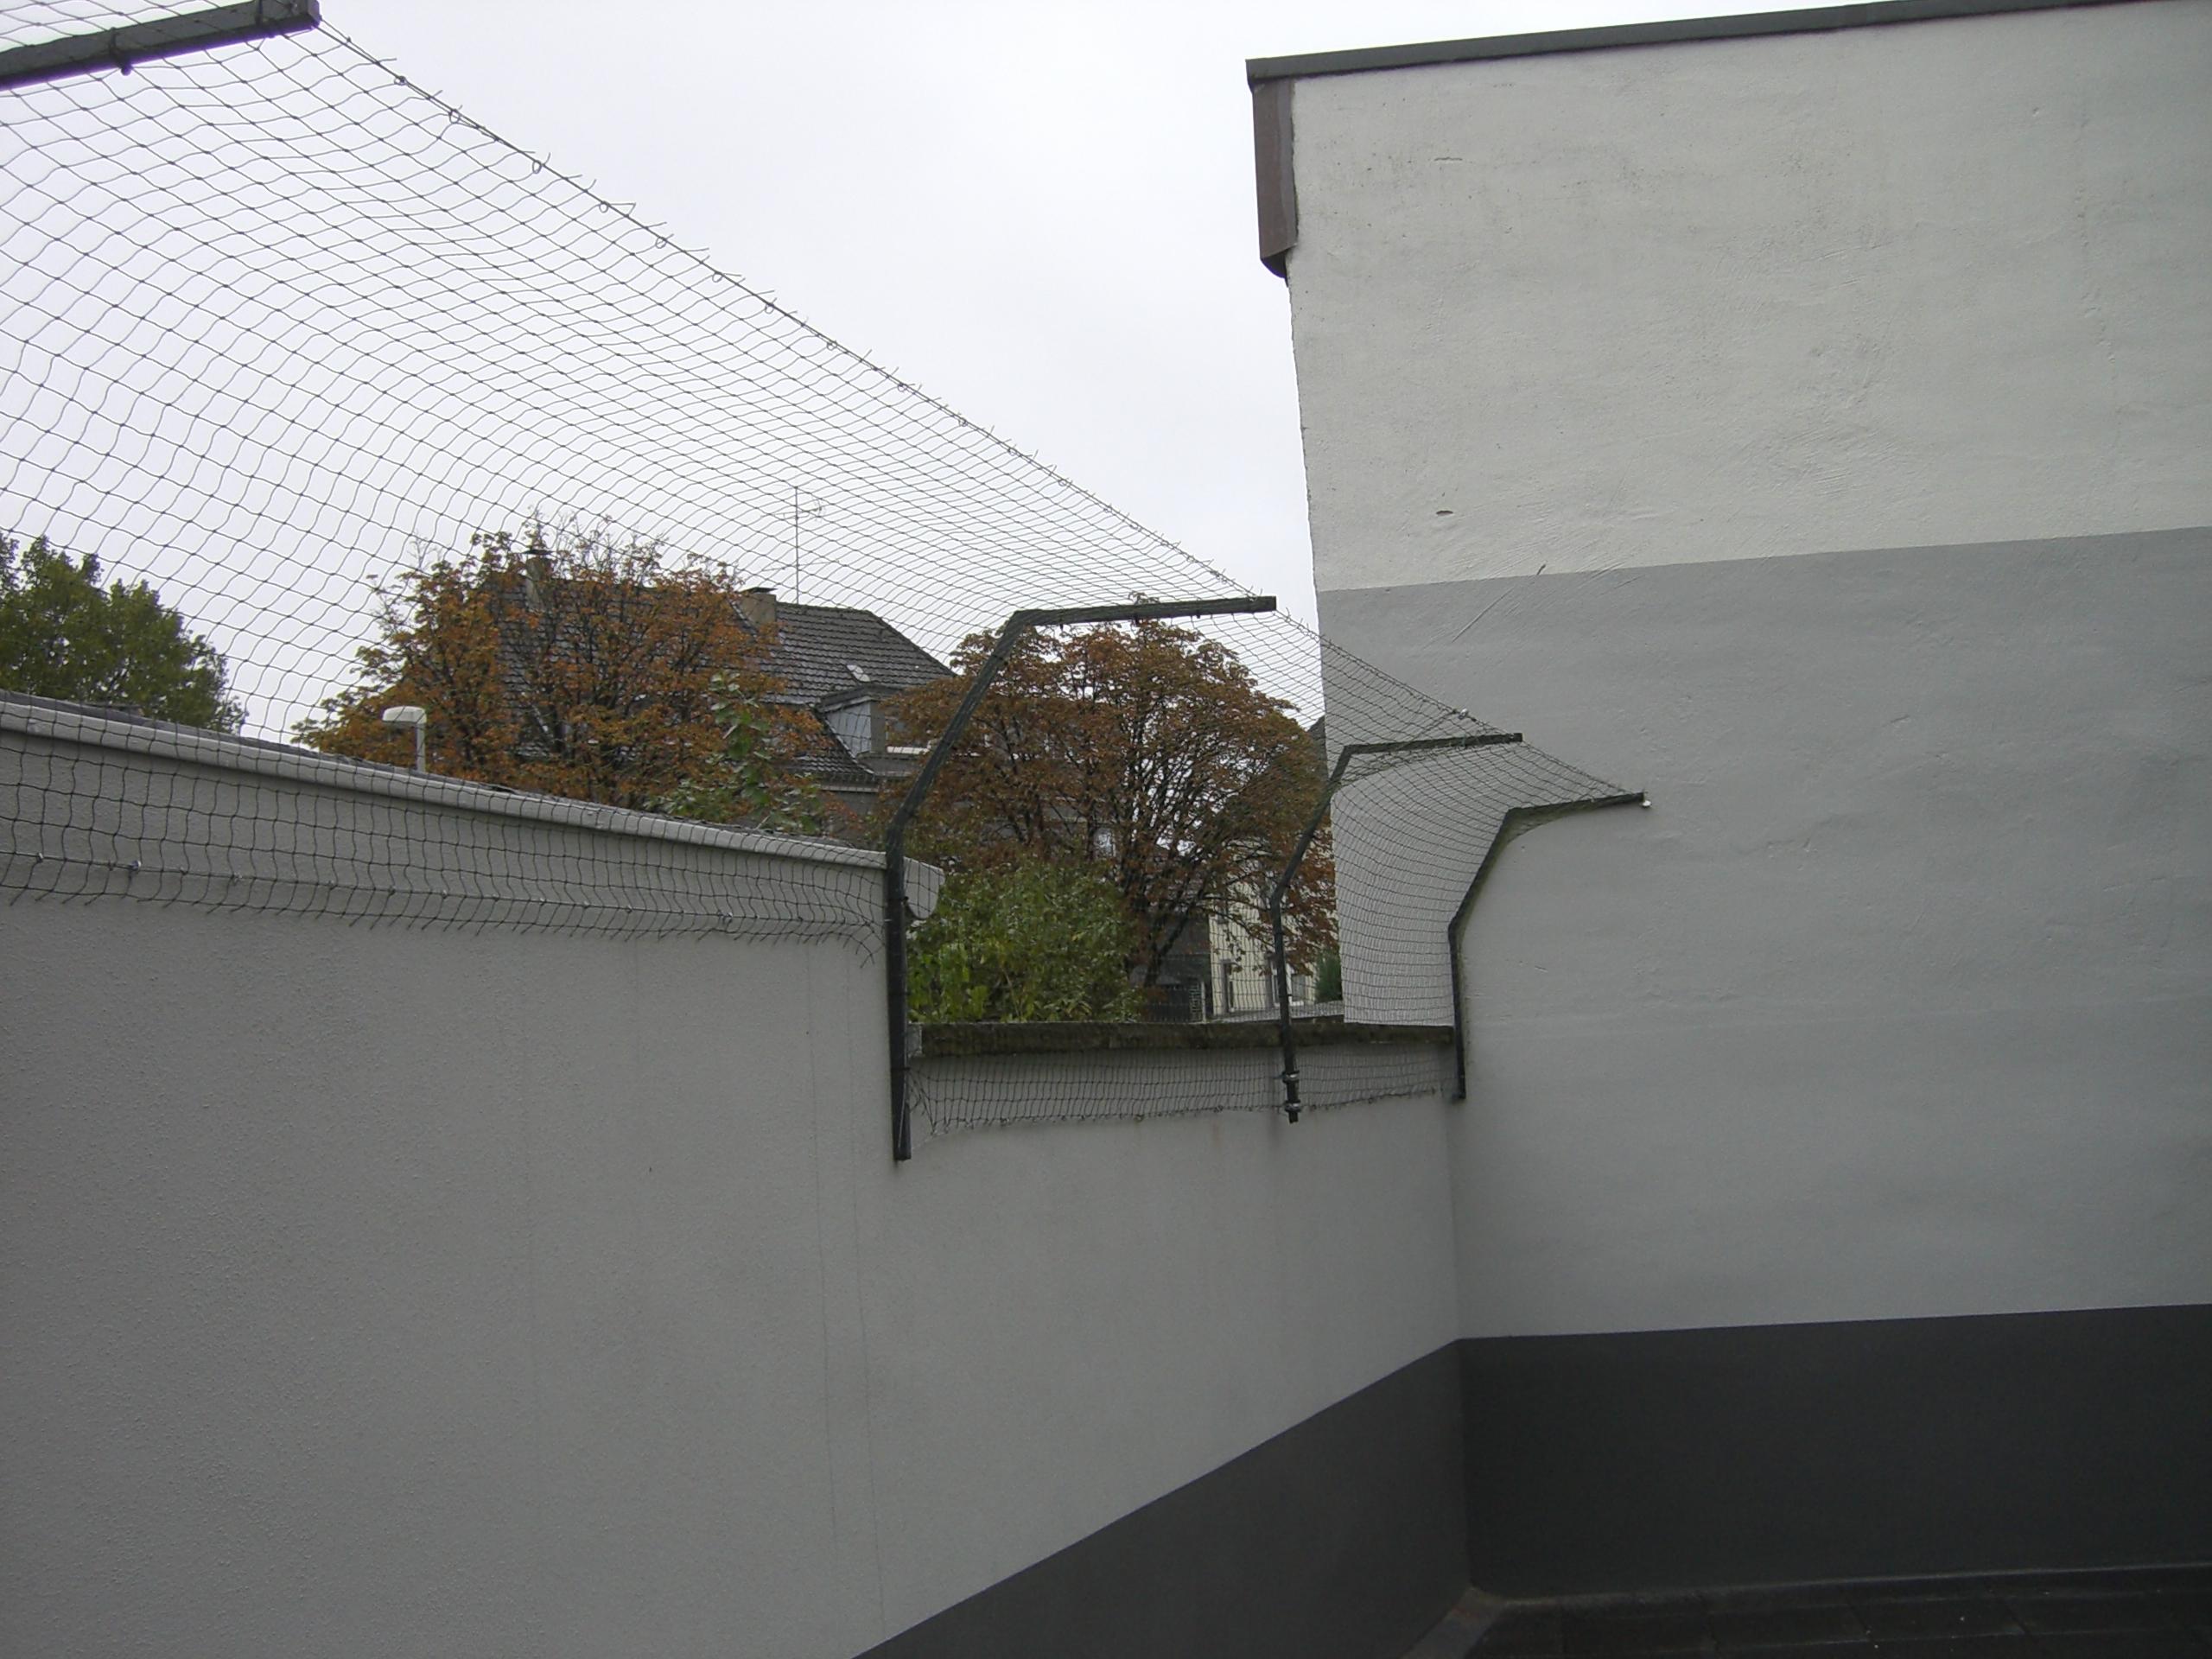 Doppelter Überkletterschutz an Mauer